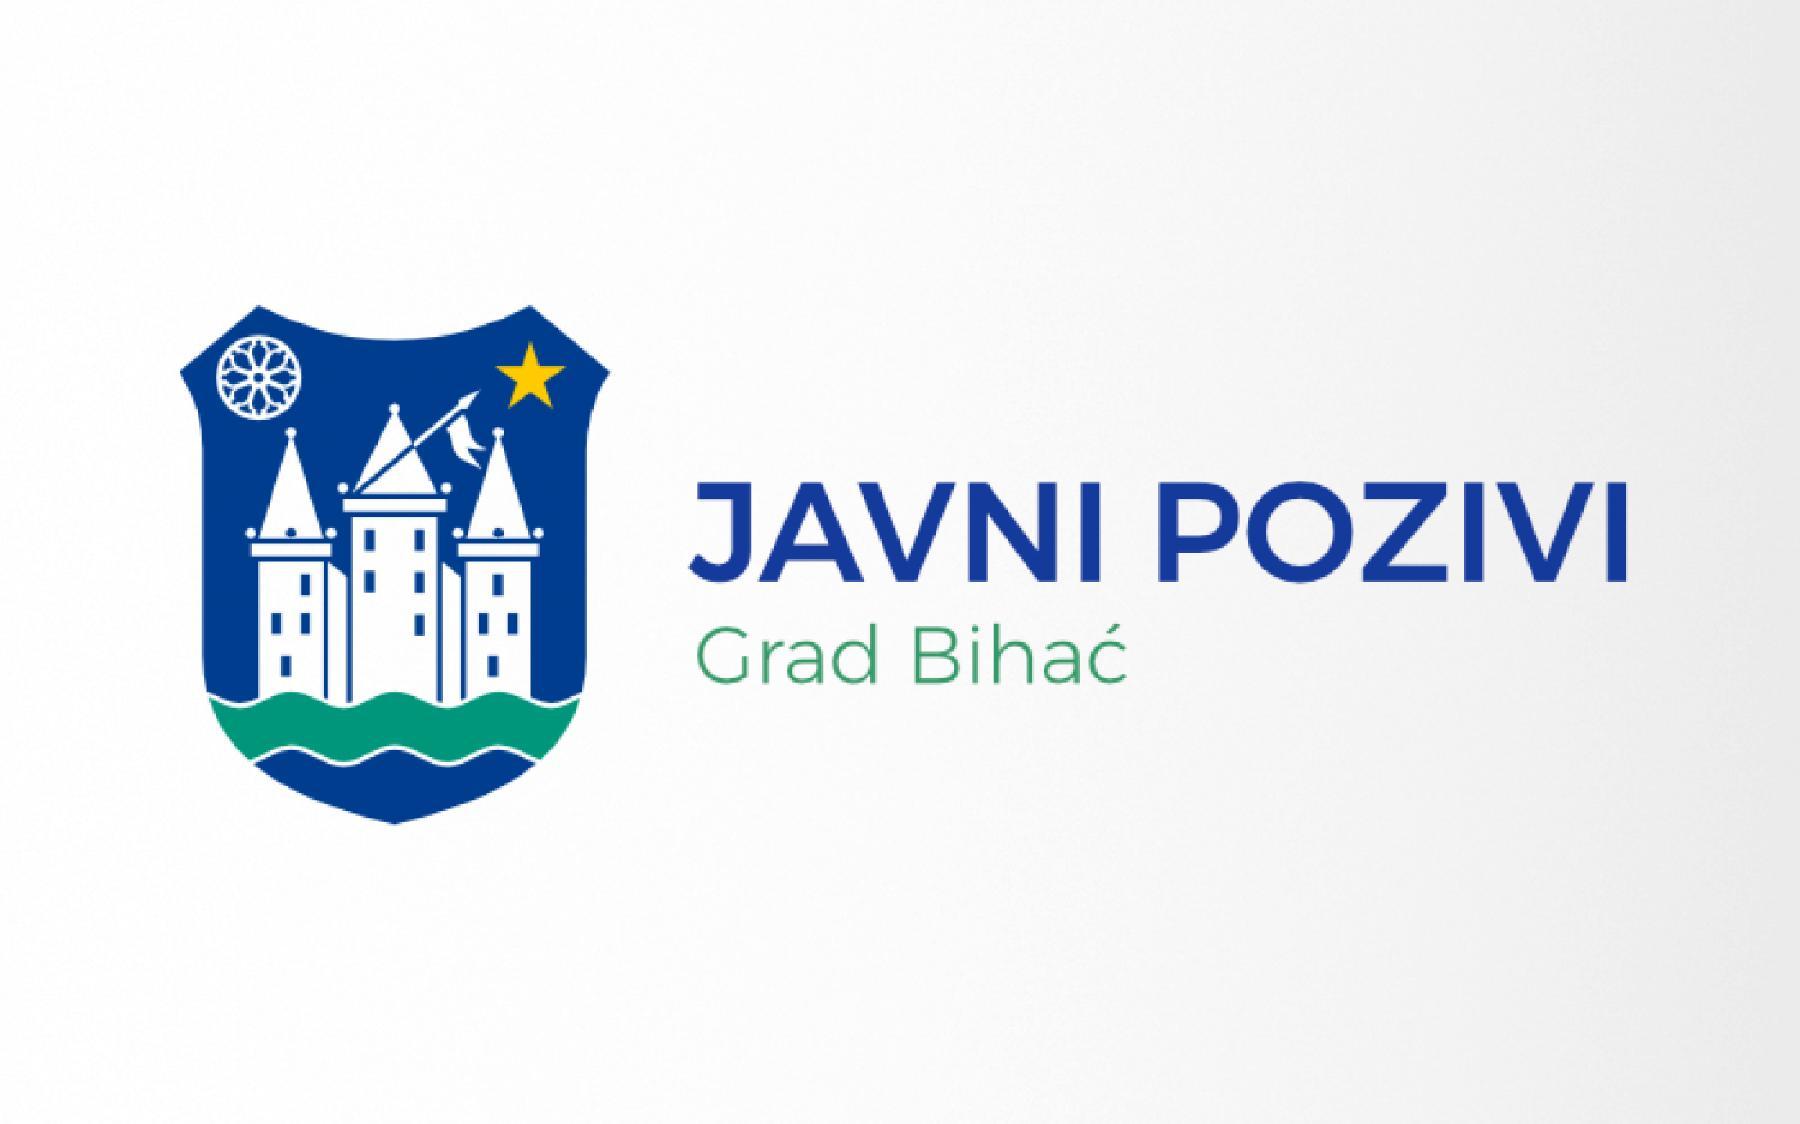 Javni poziv za podnošenje zahtjeva za podsticajna sredstva u poljoprivredi iz Budžeta Grada Bihaća